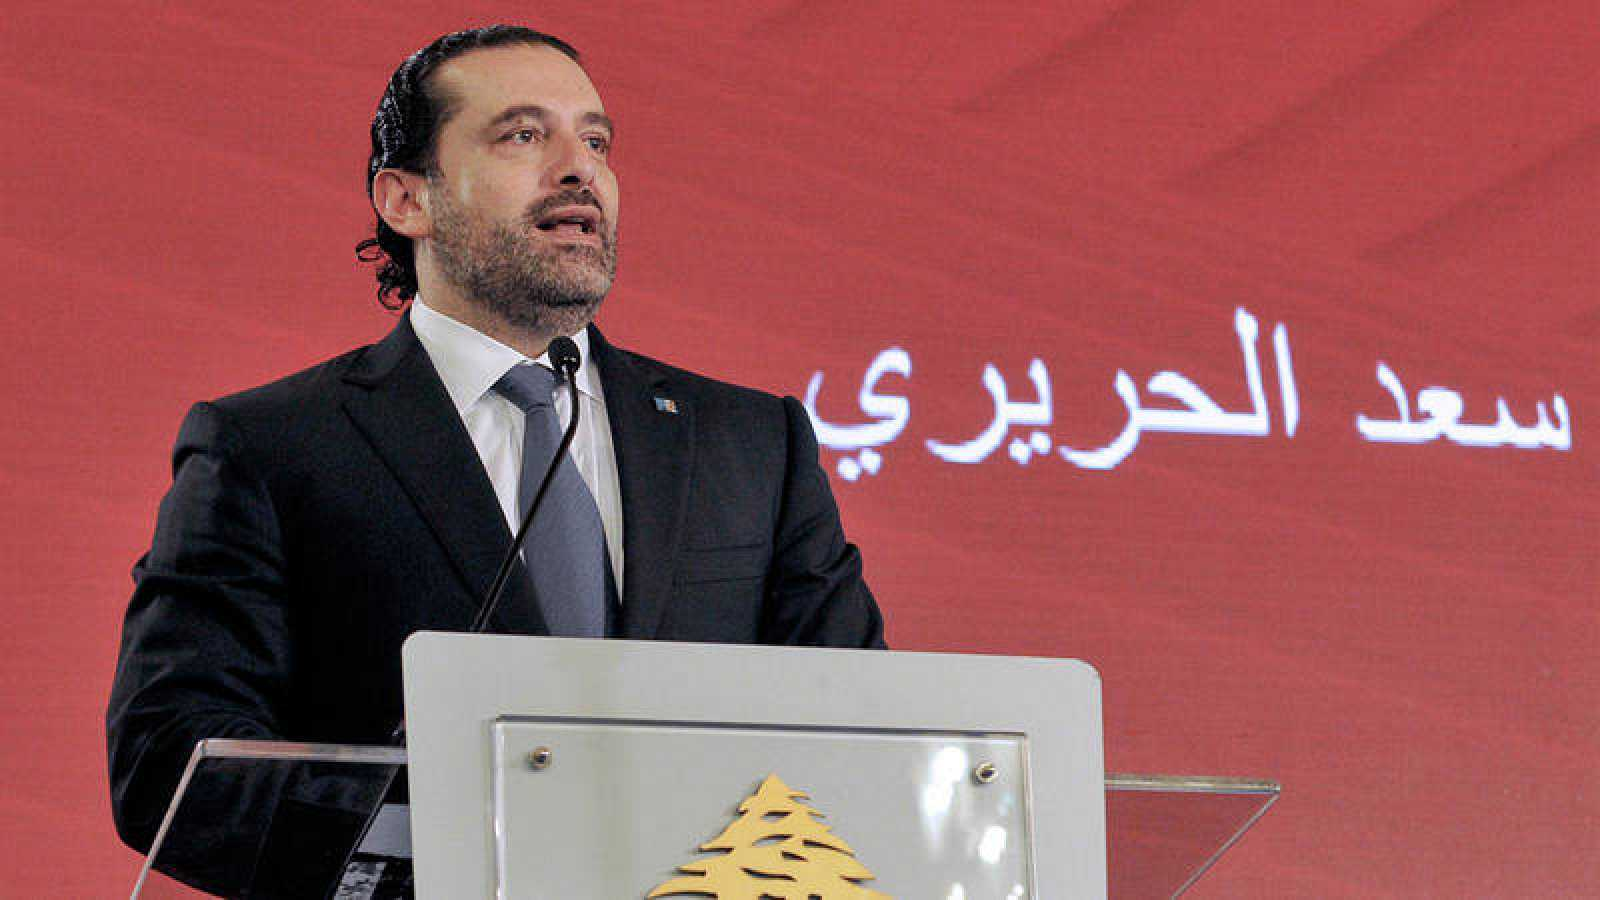 El primer ministro del Líbano, Saad Hariri, habla en una conferencia en Beirut